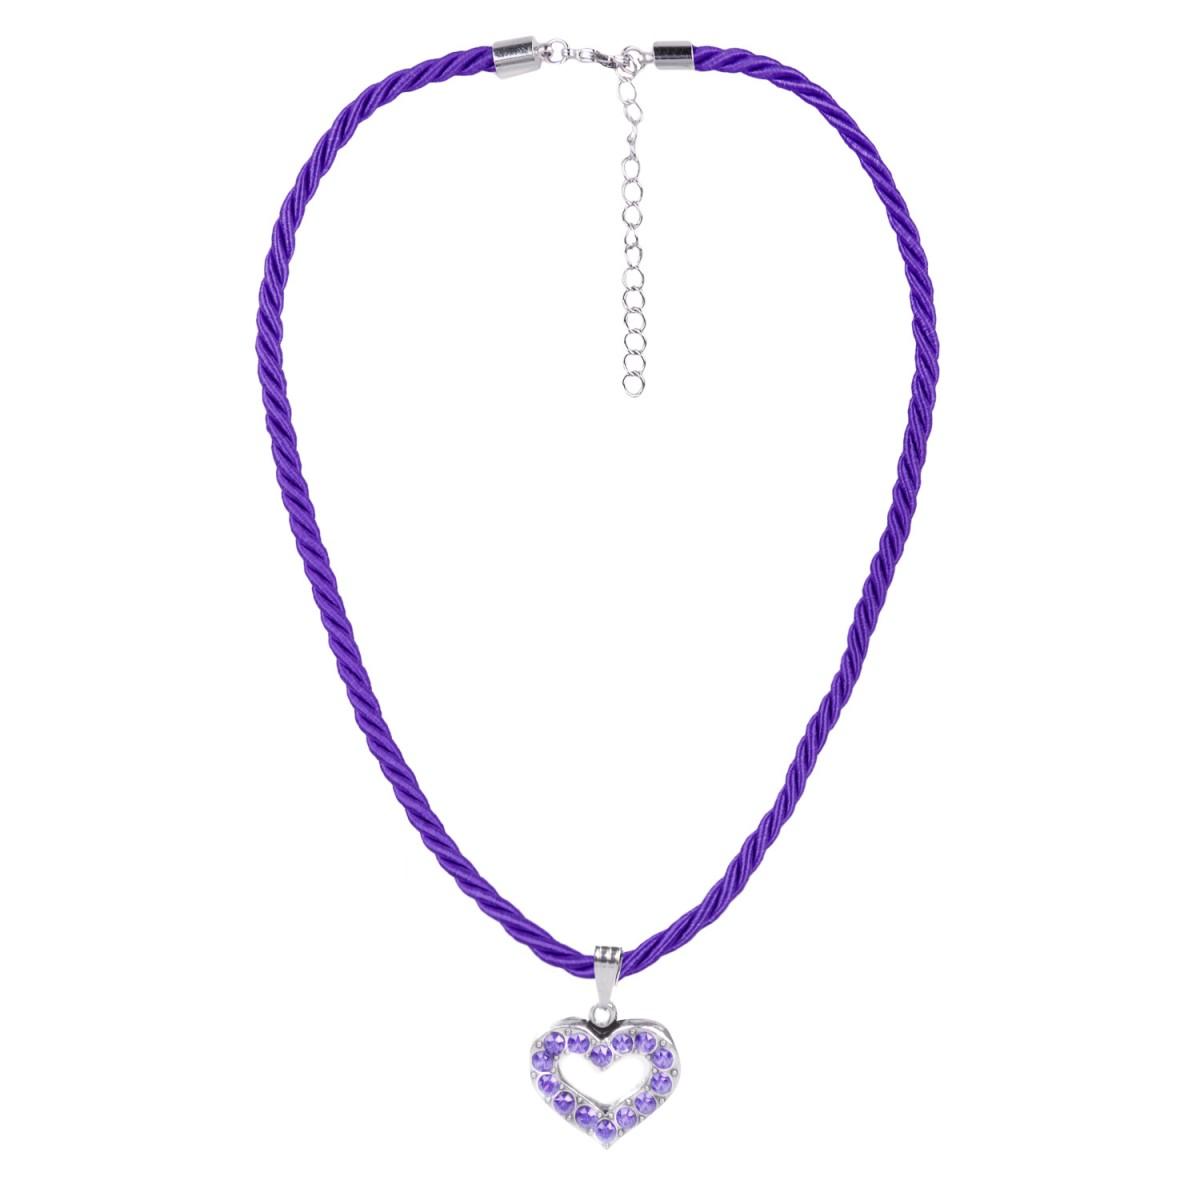 Halskette mit Herzanhänger in Lila von Schlick Accessoires günstig online kaufen